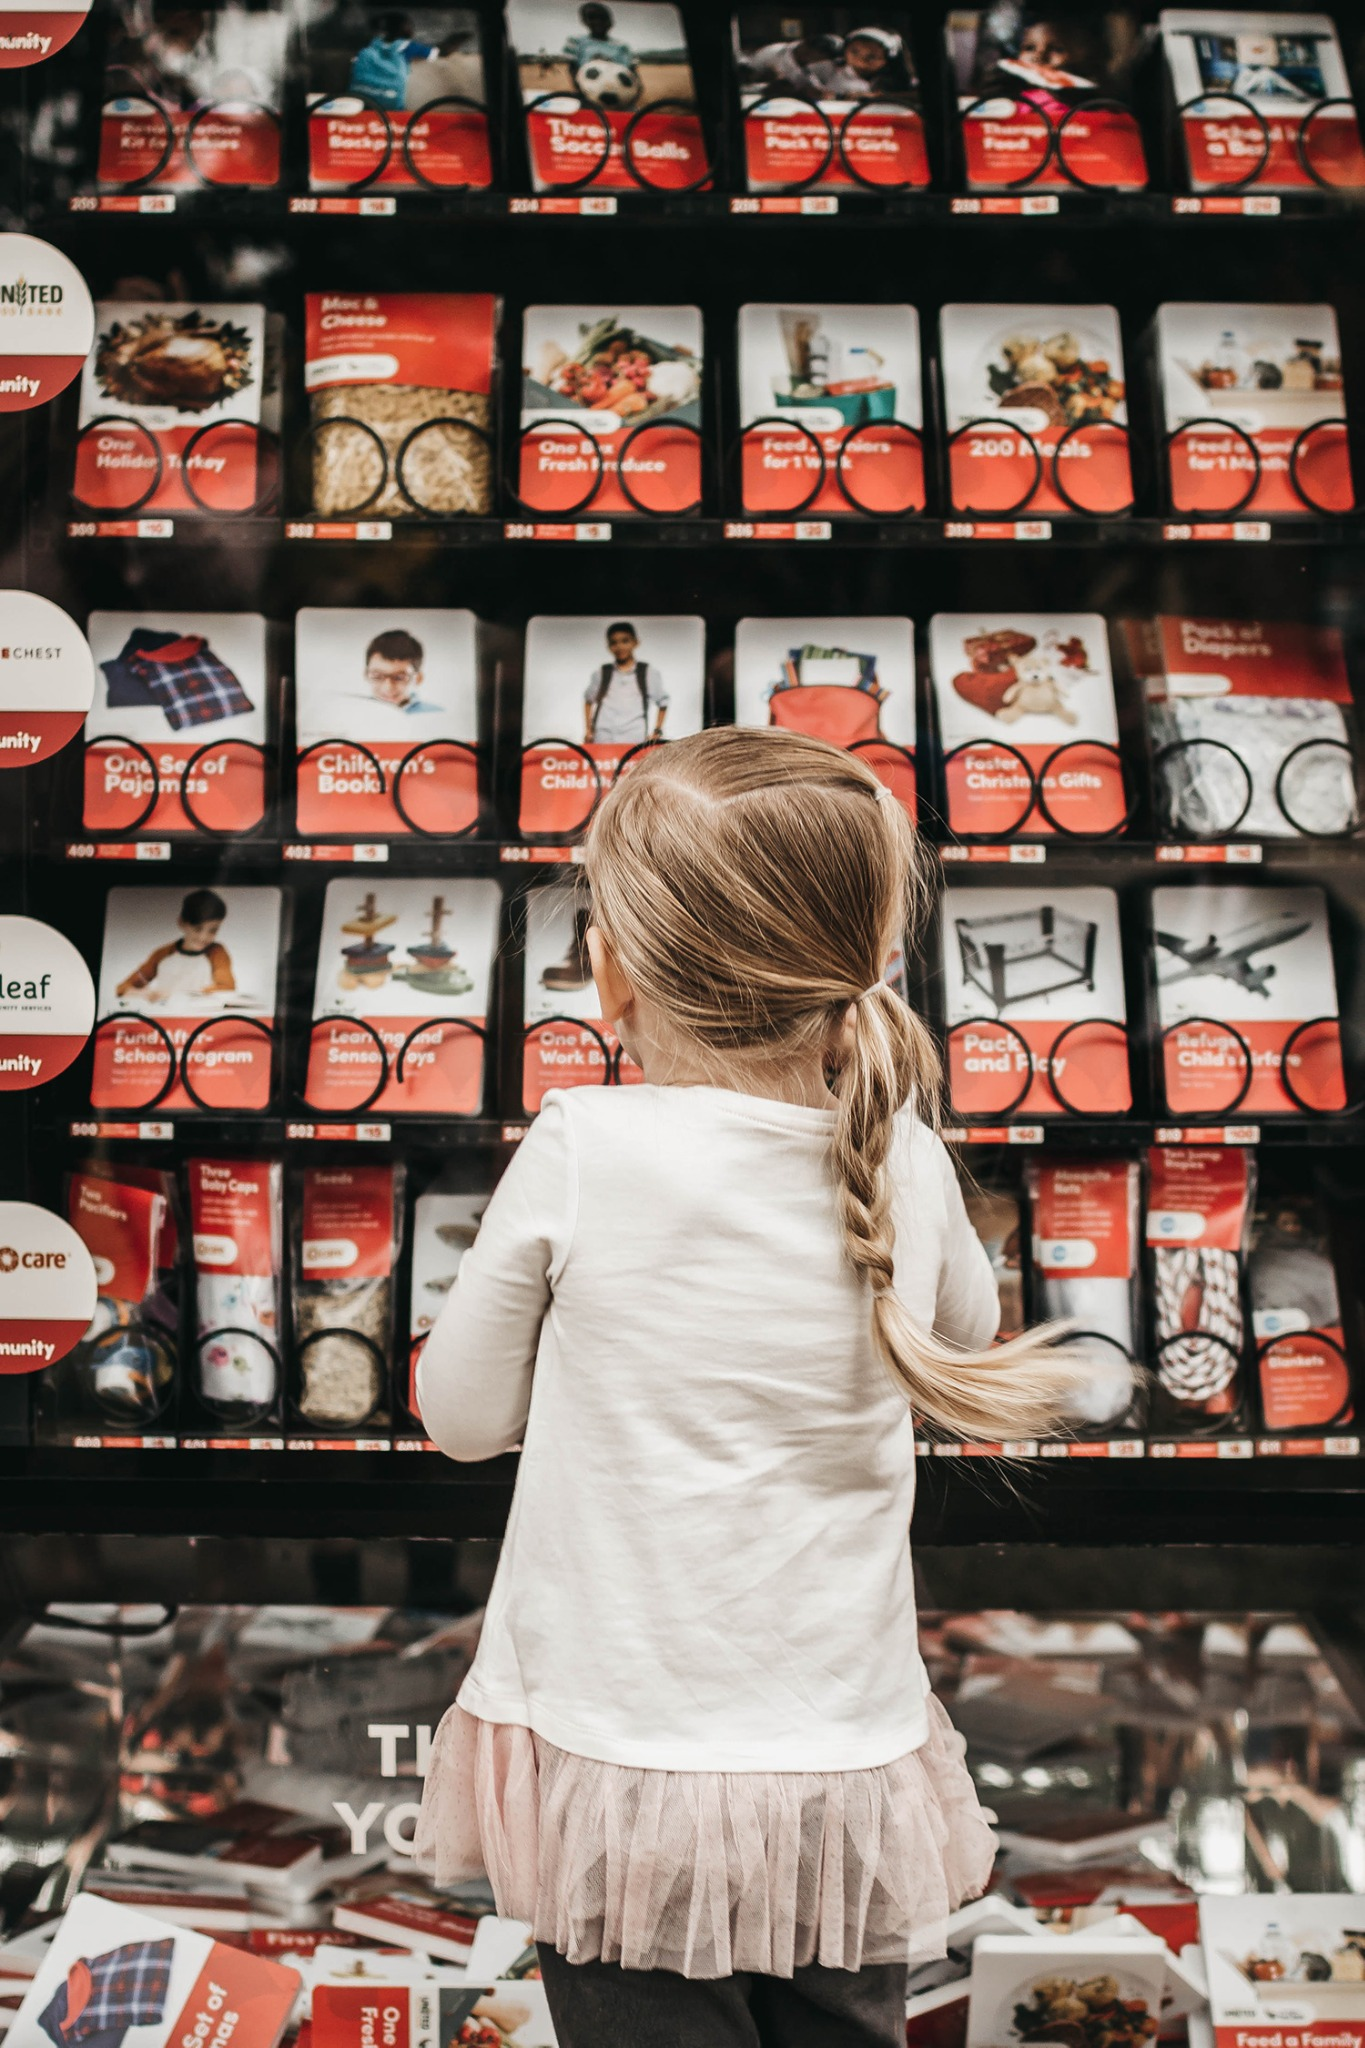 Uma menina olha para as várias opções disponíveis para compra em uma máquina de doação em Gilbert, Arizona. Gilbert é um dos 10 locais este ano onde é possível fazer doações durante a época de Natal.